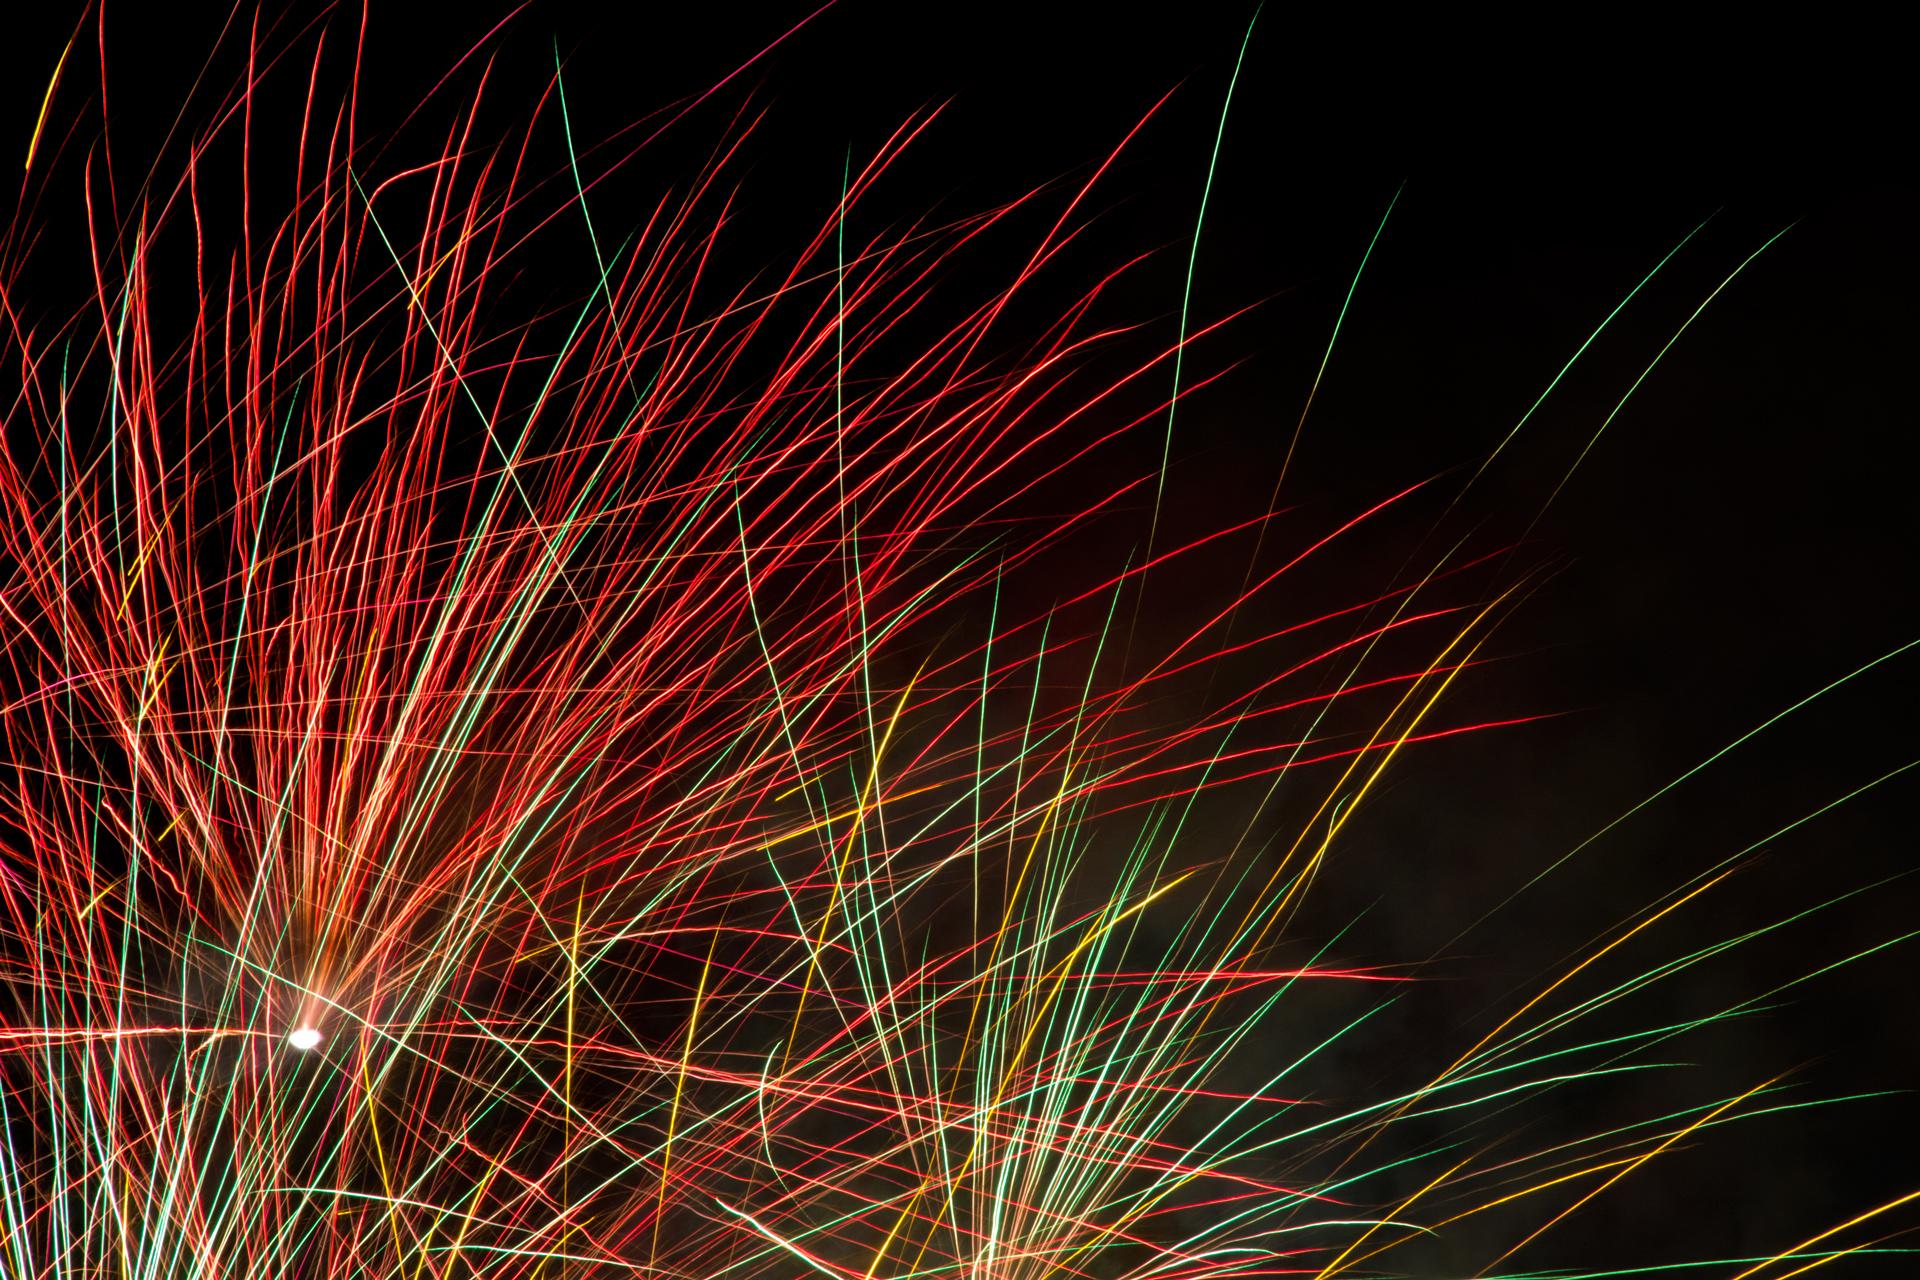 Fireworks9_IMG_2692.jpg